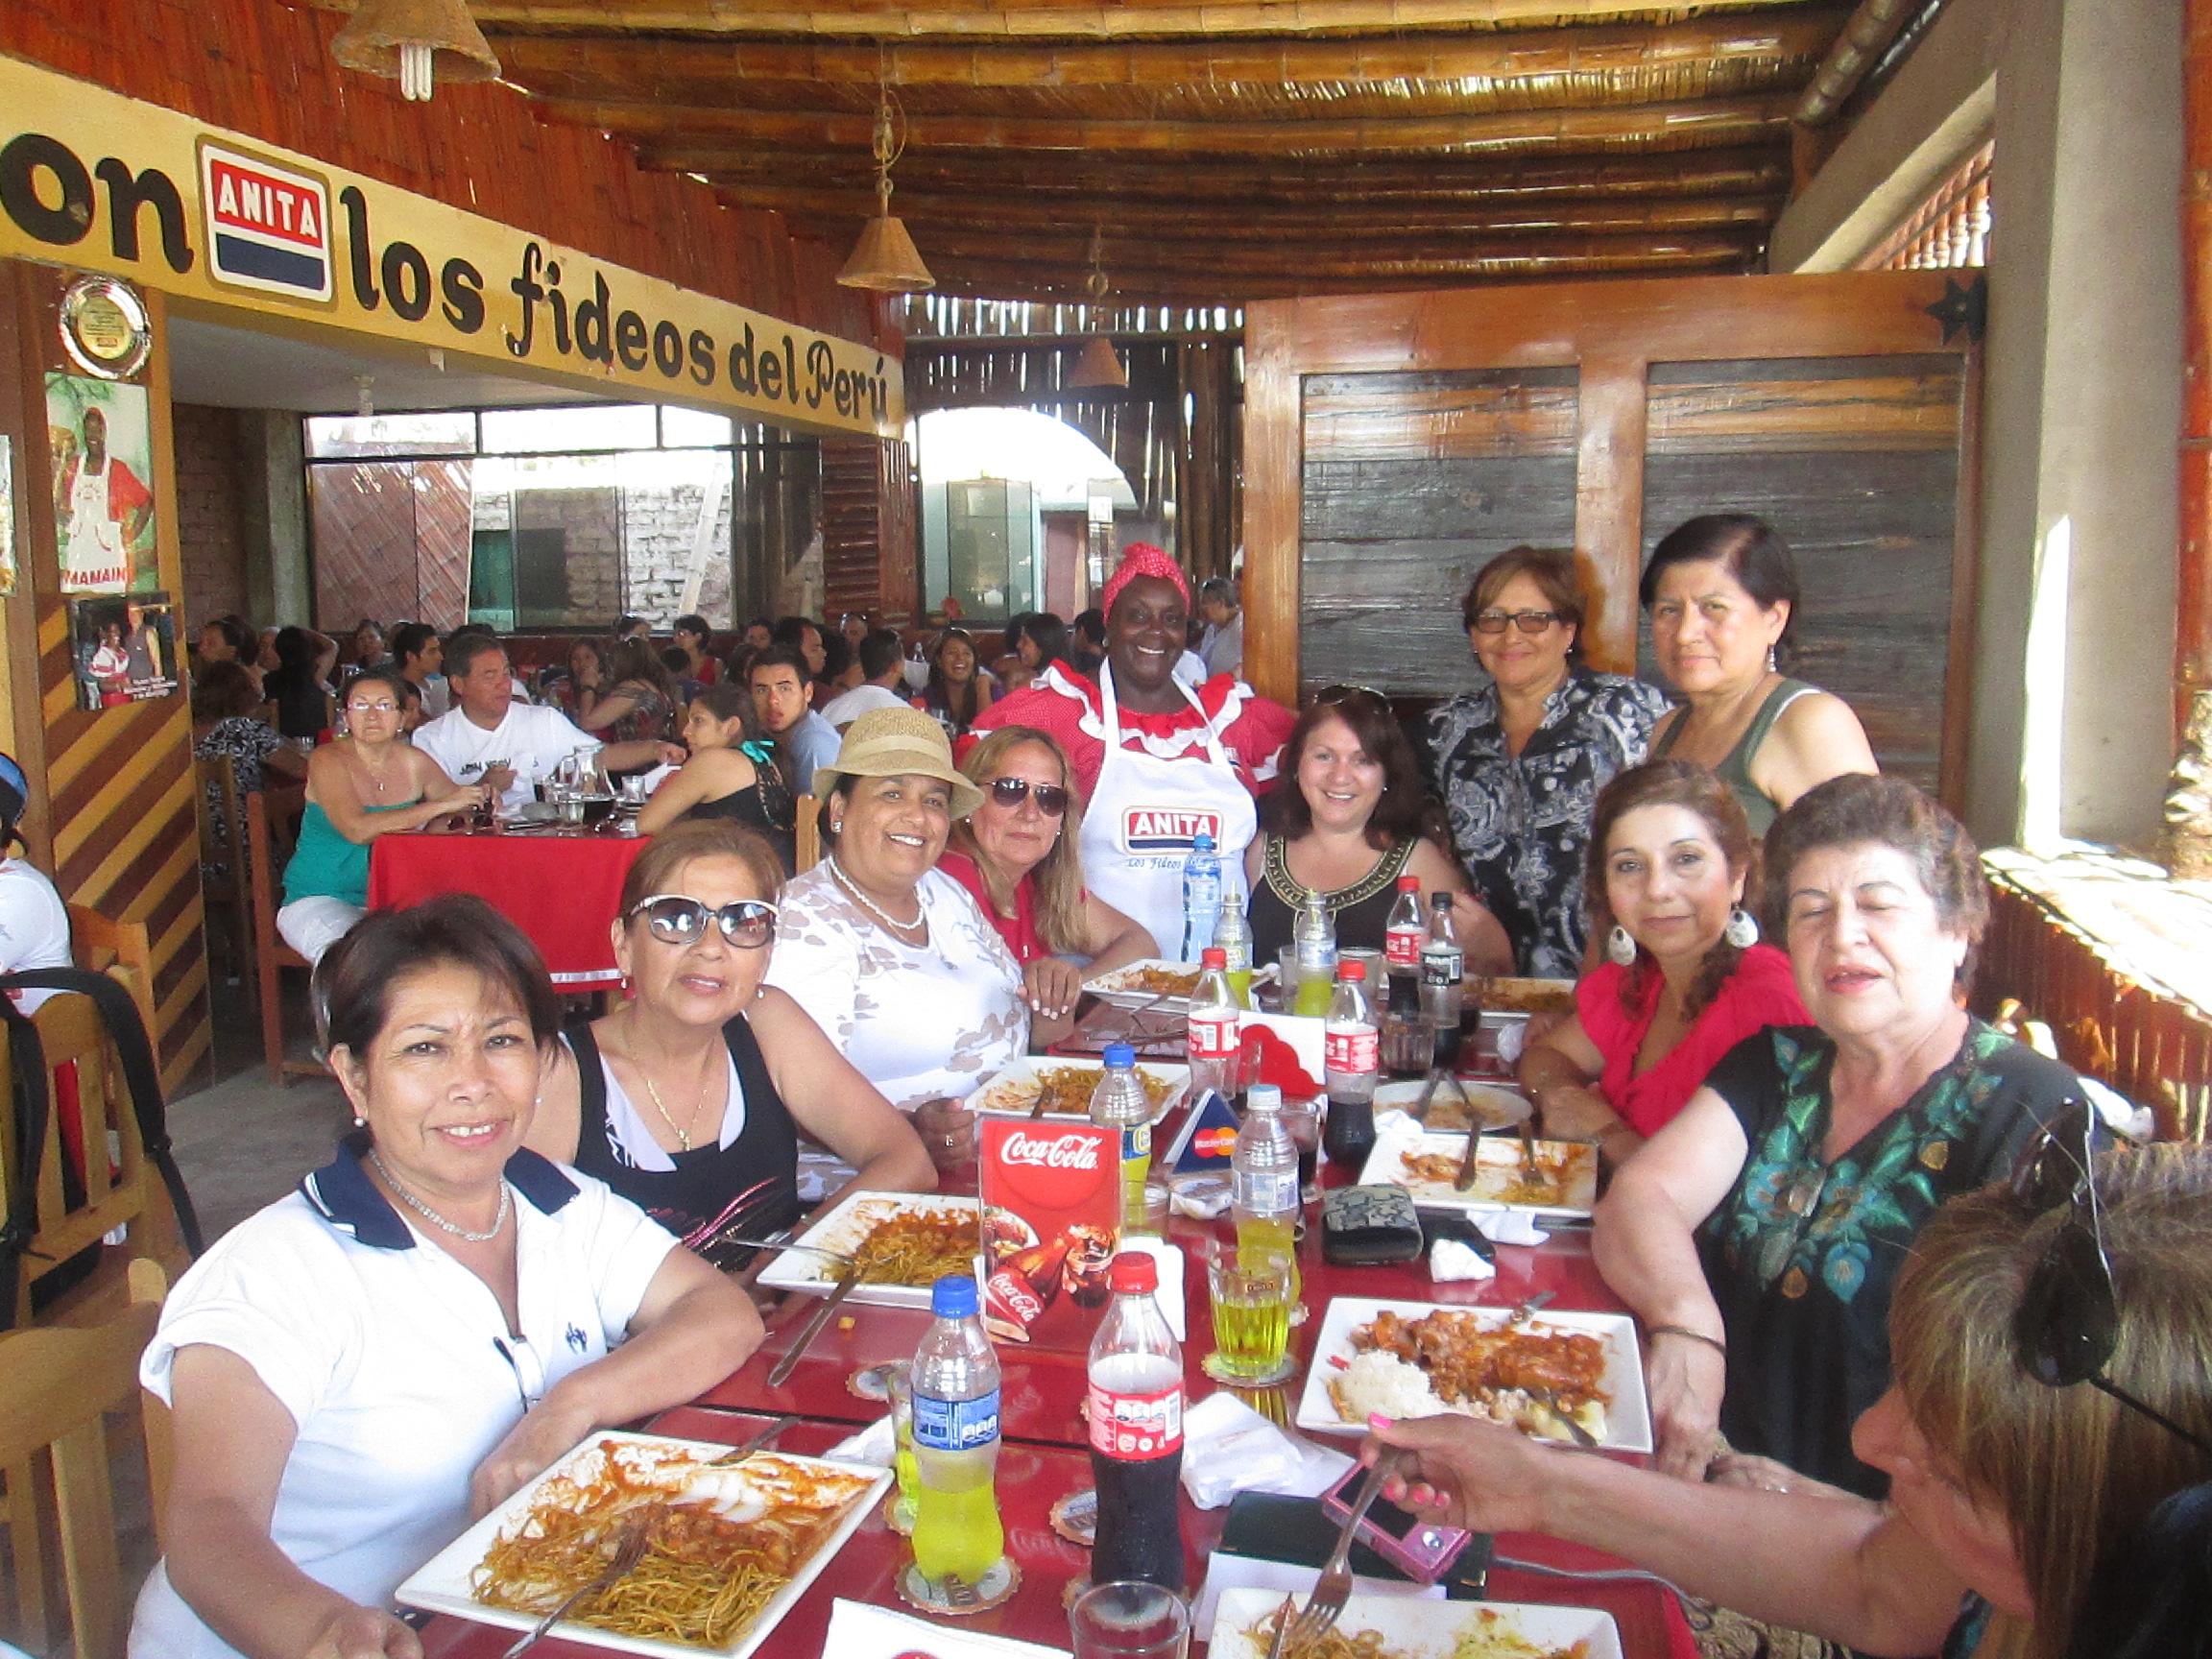 (Español) Day Trips